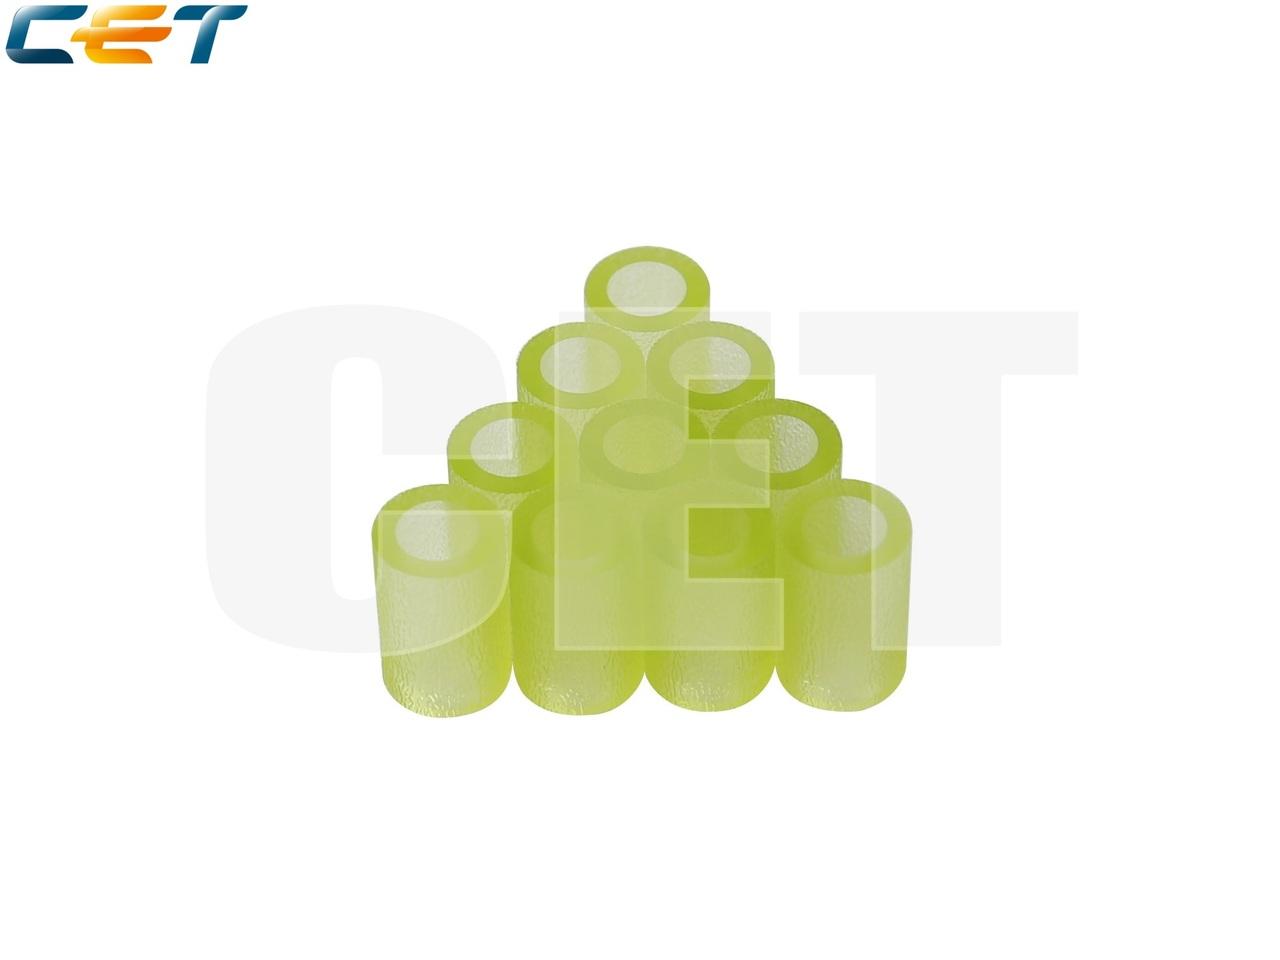 Резинка ролика отделения (полиуретан) JC73-00328A дляSAMSUNG ML-3310D/3310ND/33710D/3710ND/3710DW (CET),CET3620, CET3620R